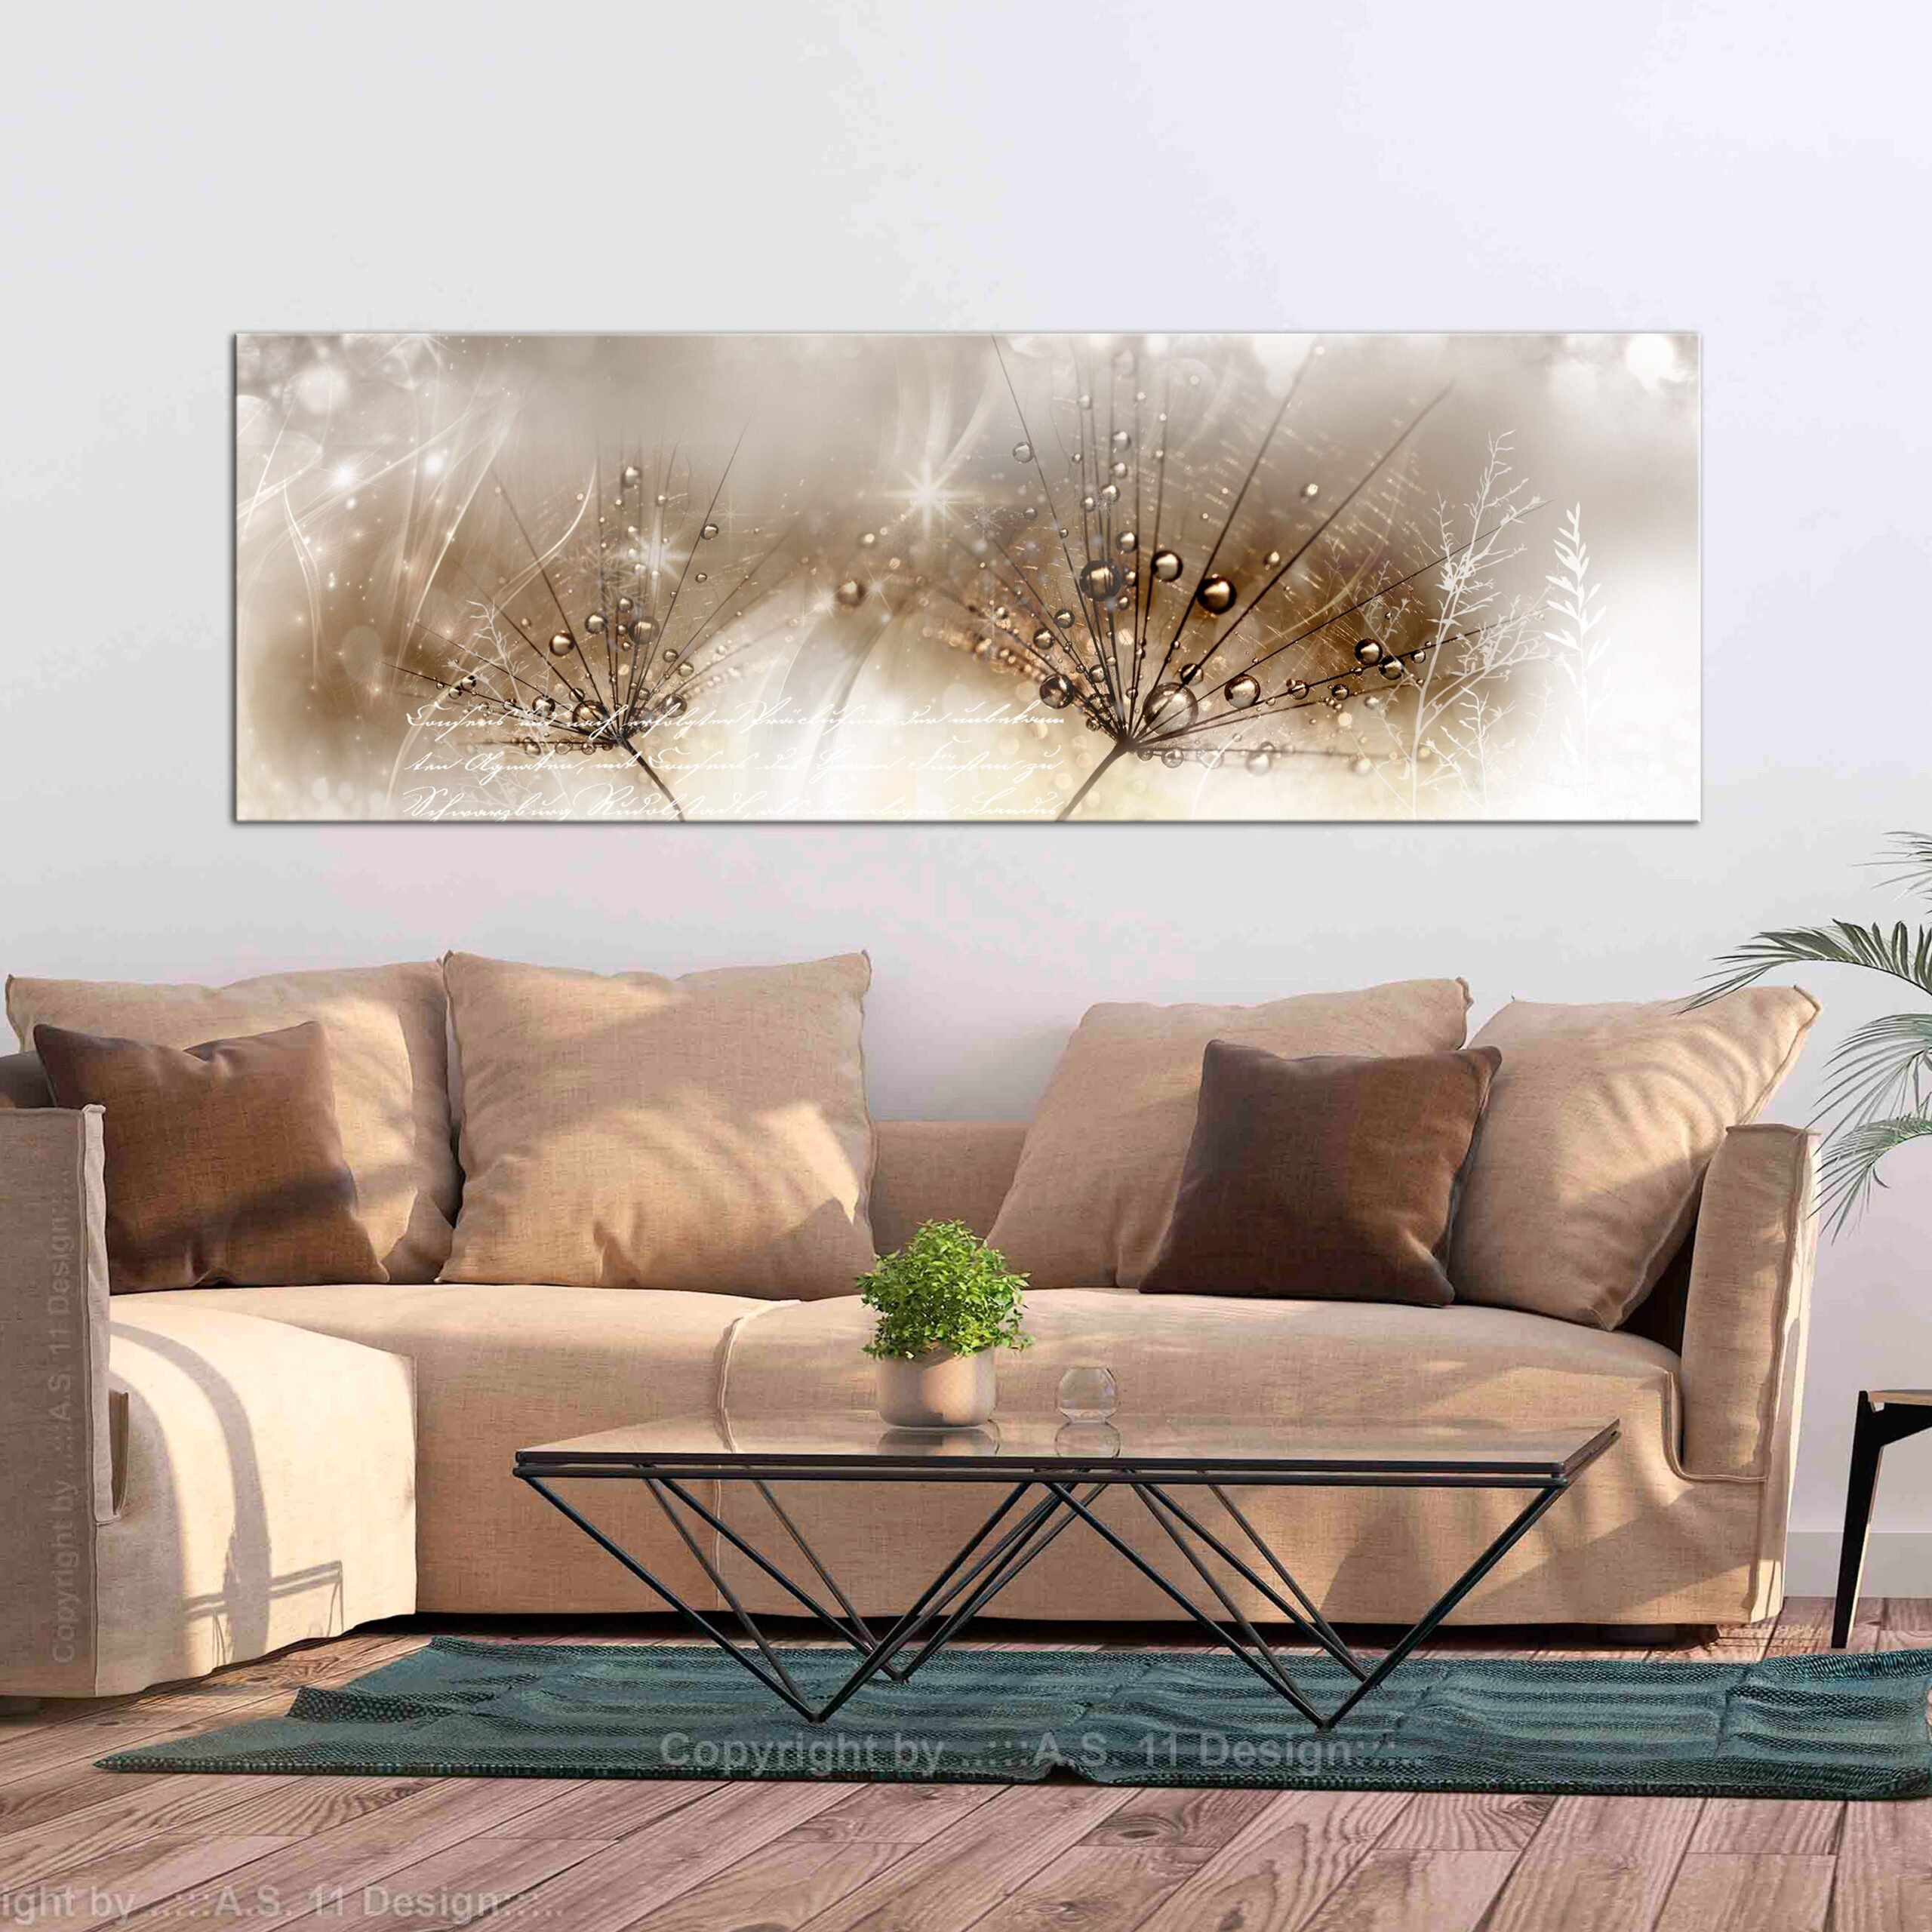 Full Size of Wandbilder Wohnzimmer Modern Xxl In 2020 Decke Deckenleuchten Xxxl Sofa Günstig Hängeleuchte Dekoration Led Deckenleuchte Stehlampe Gardinen Für Wandbild Wohnzimmer Wandbilder Wohnzimmer Modern Xxl